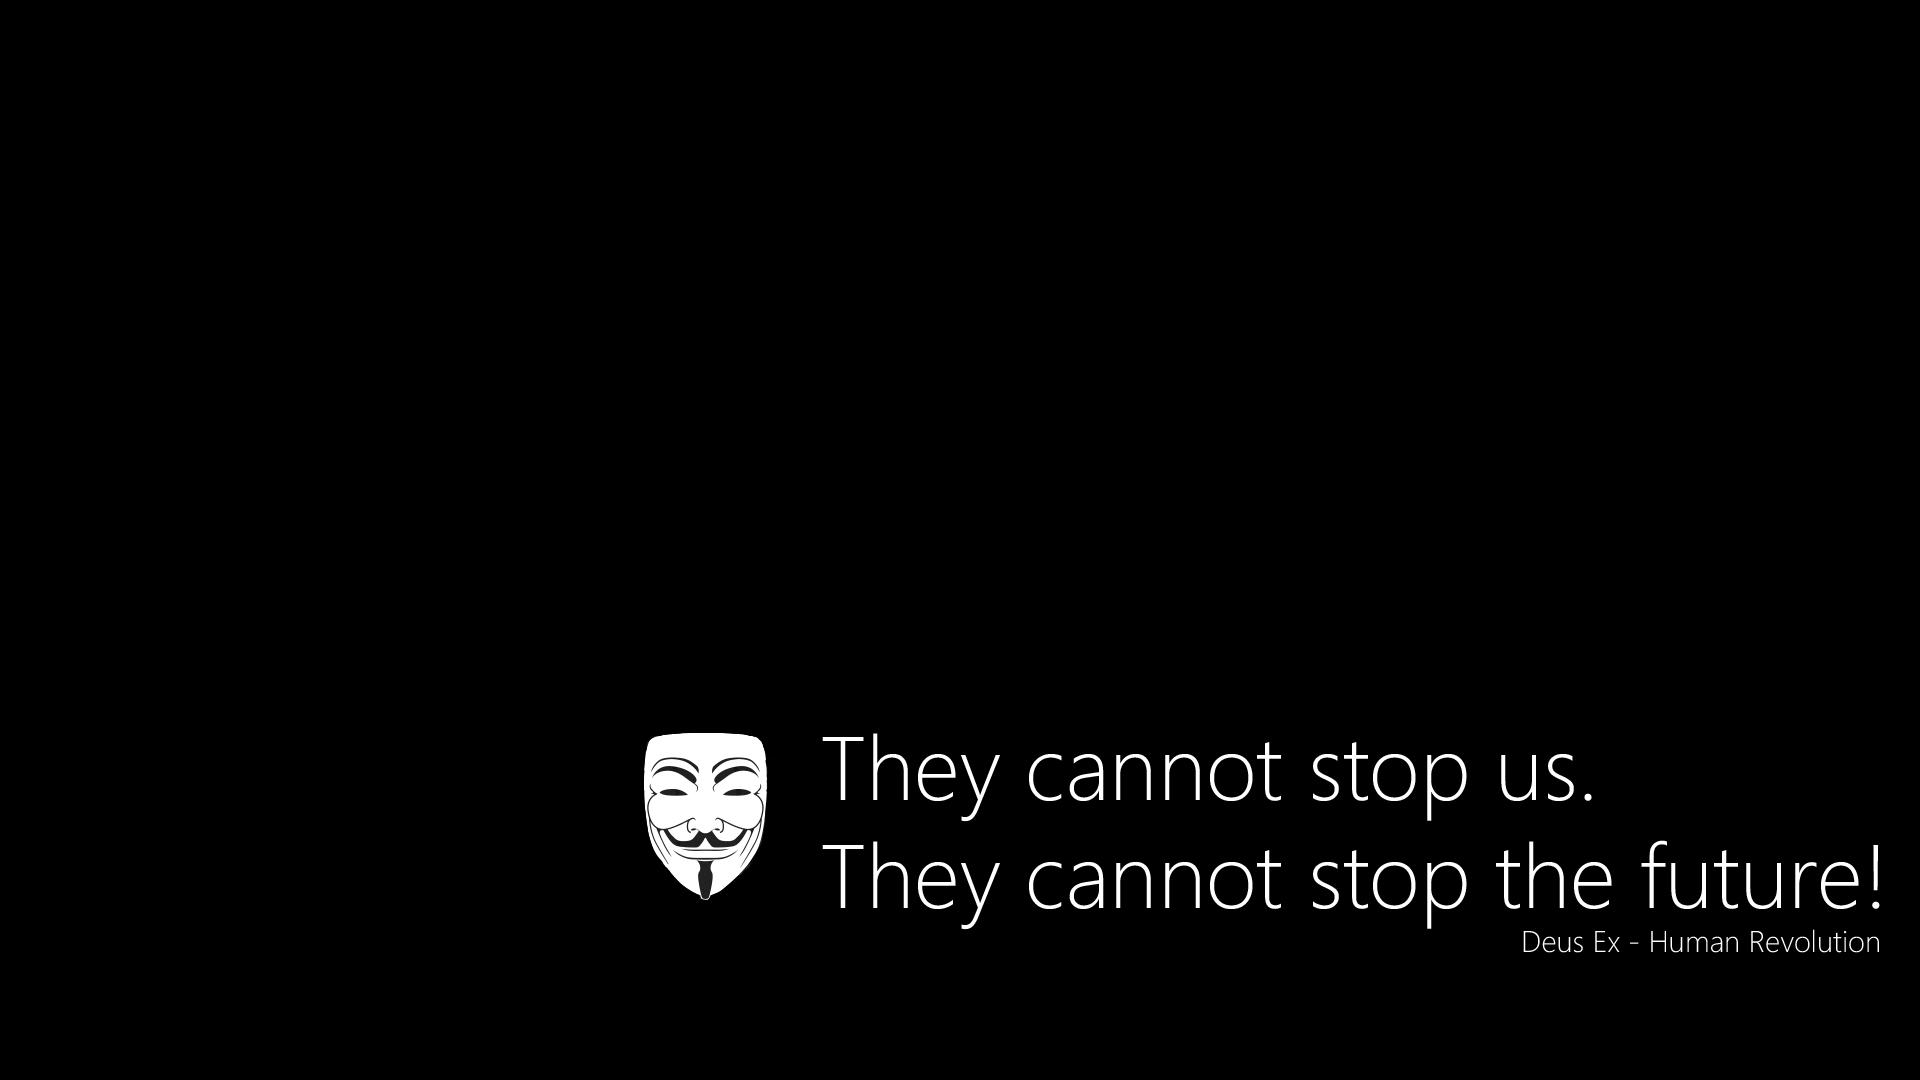 hackers wallpaper abyss dark hd - wallpapersafari